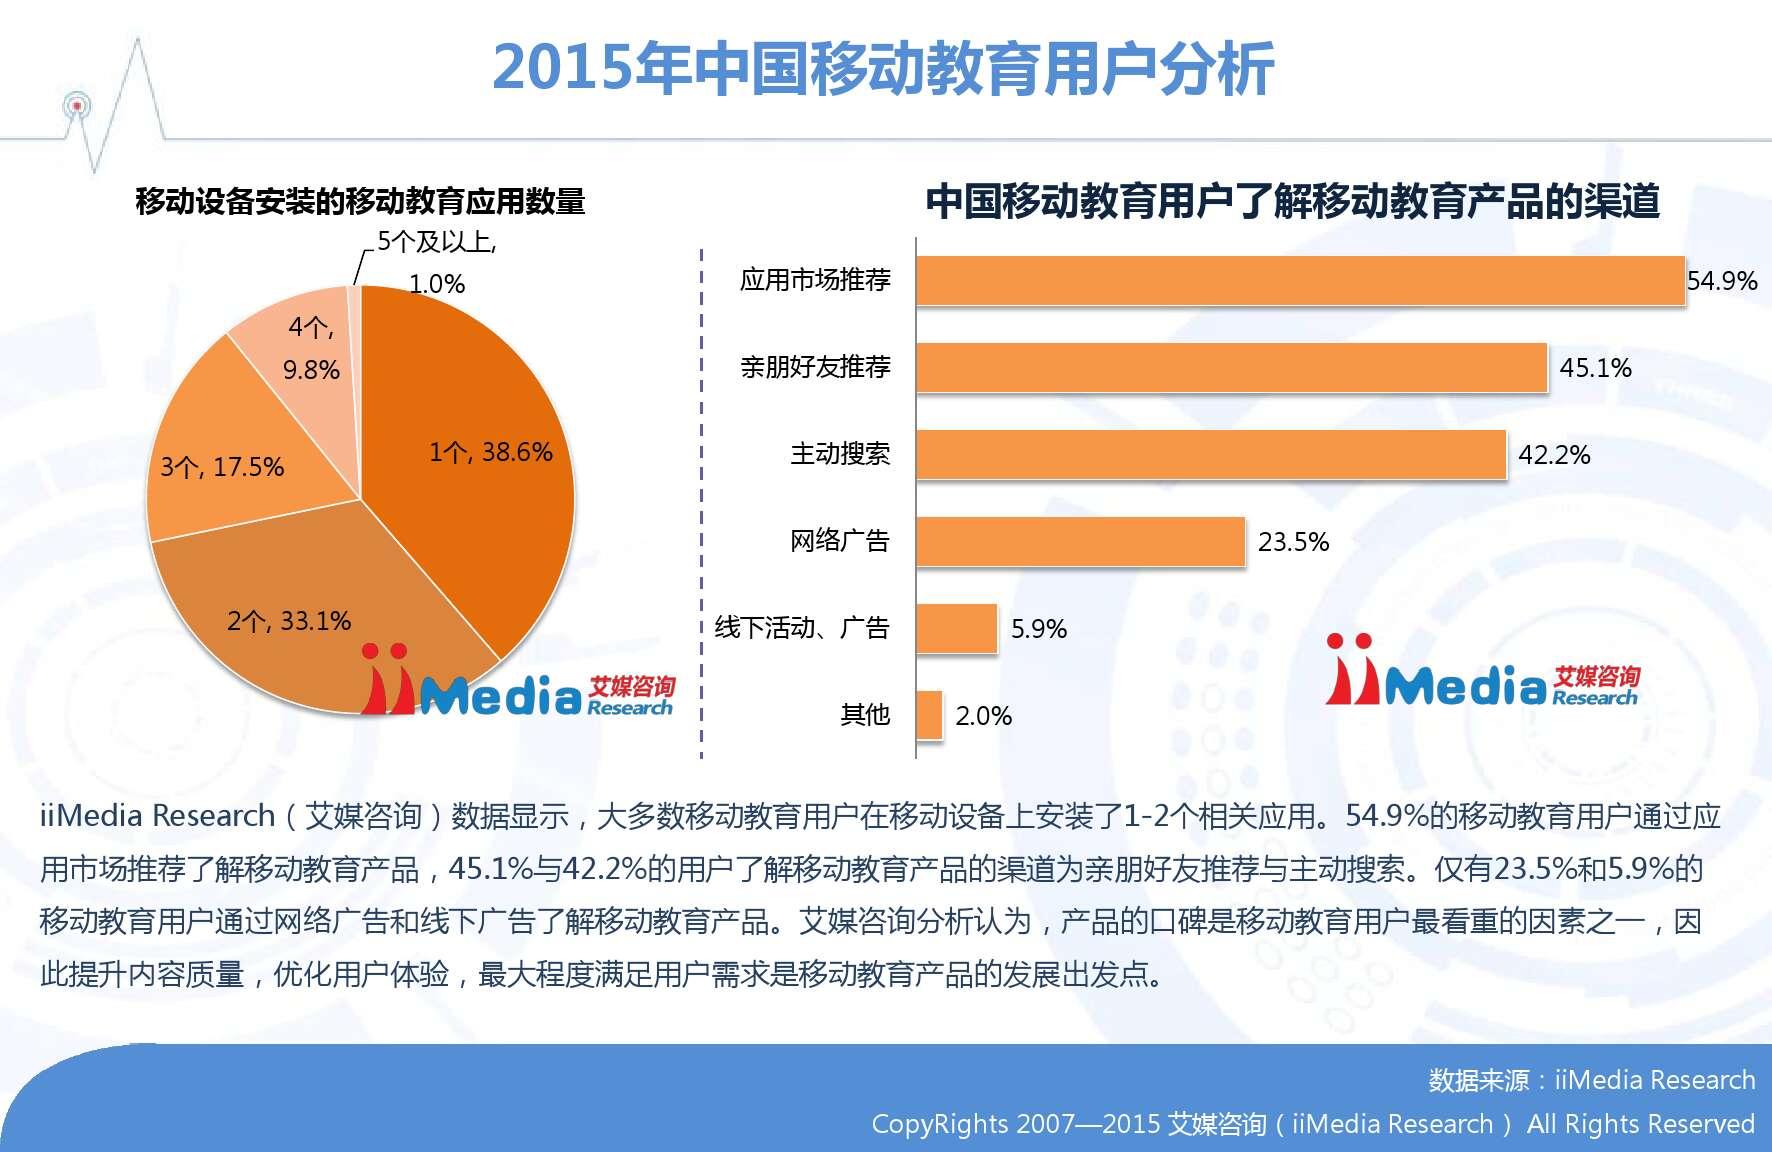 2015-2016年中国移动教育市场研究报告_000019